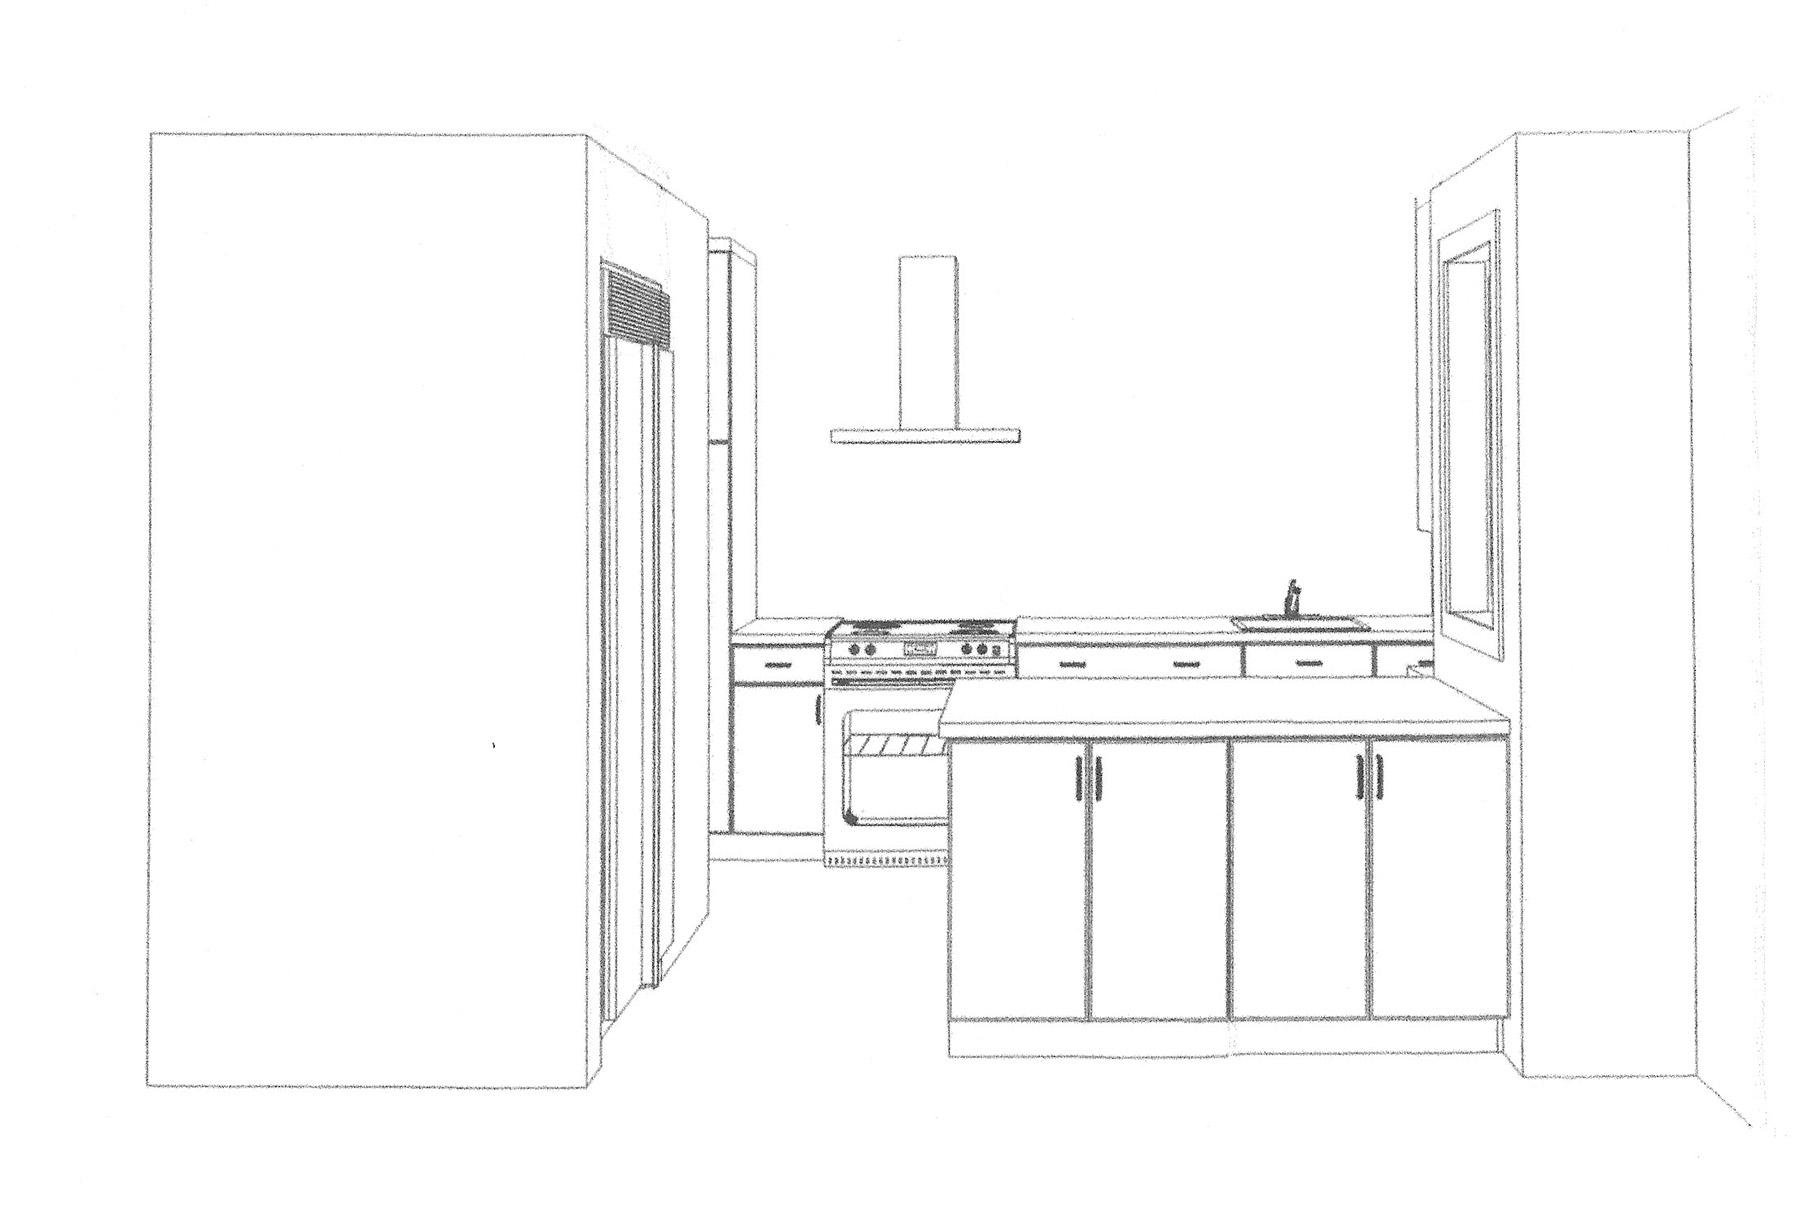 Kitchen - 3D View Nichols Design Associates, Inc}